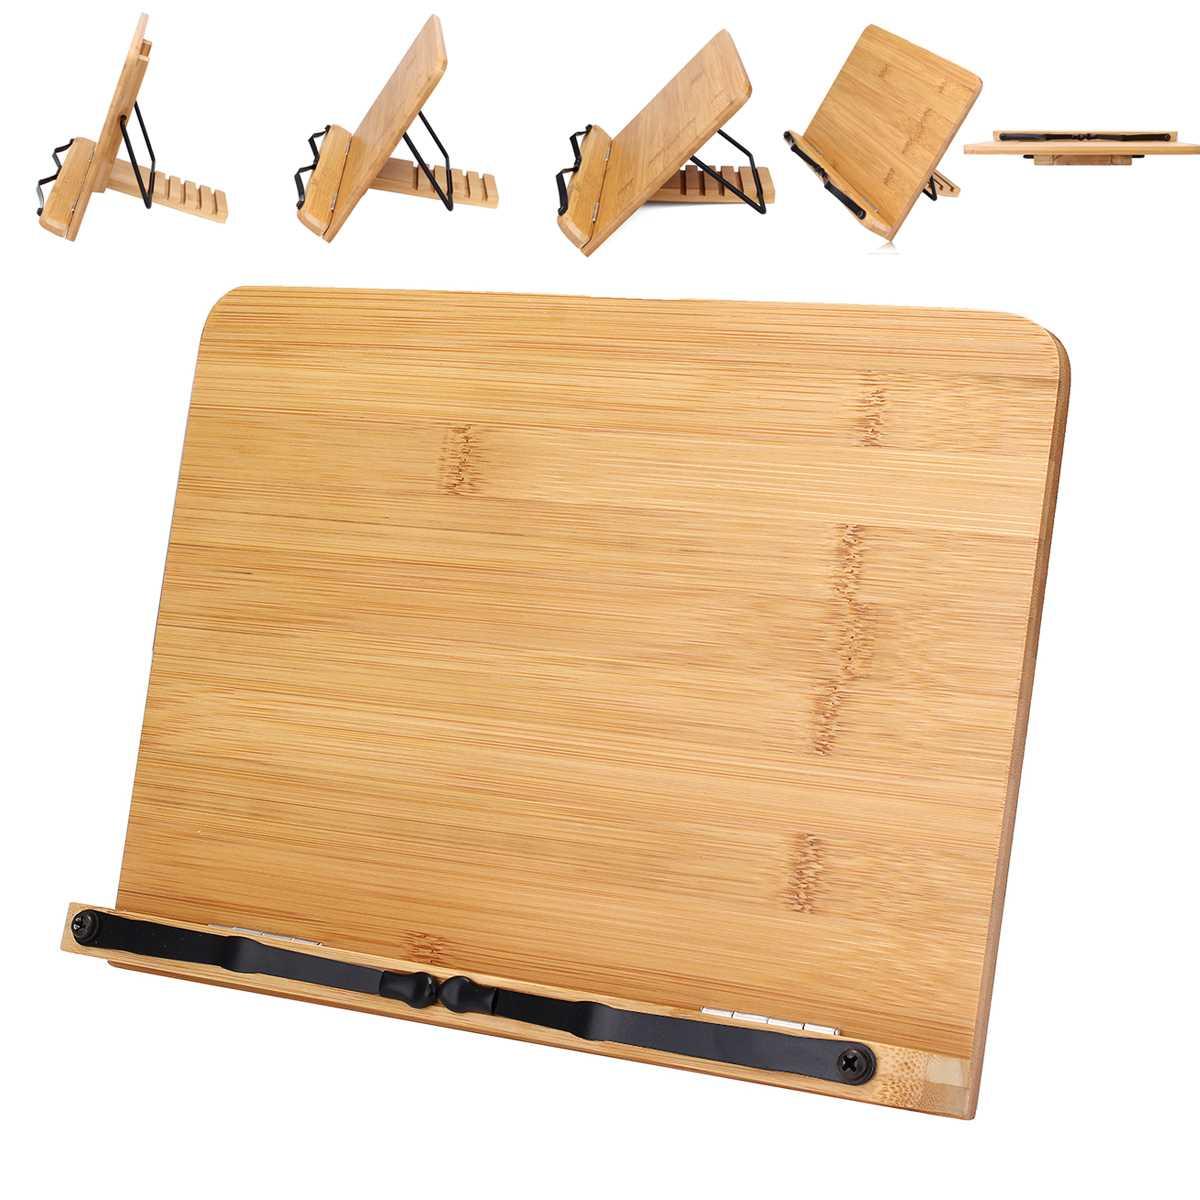 Tragbare Verstellbare Buch Halter Tablett und Seite Papier Clips-Kochbuch Lesen Schreibtisch Robust Lederbücher-Lehrbücher Leichte Lederbücher